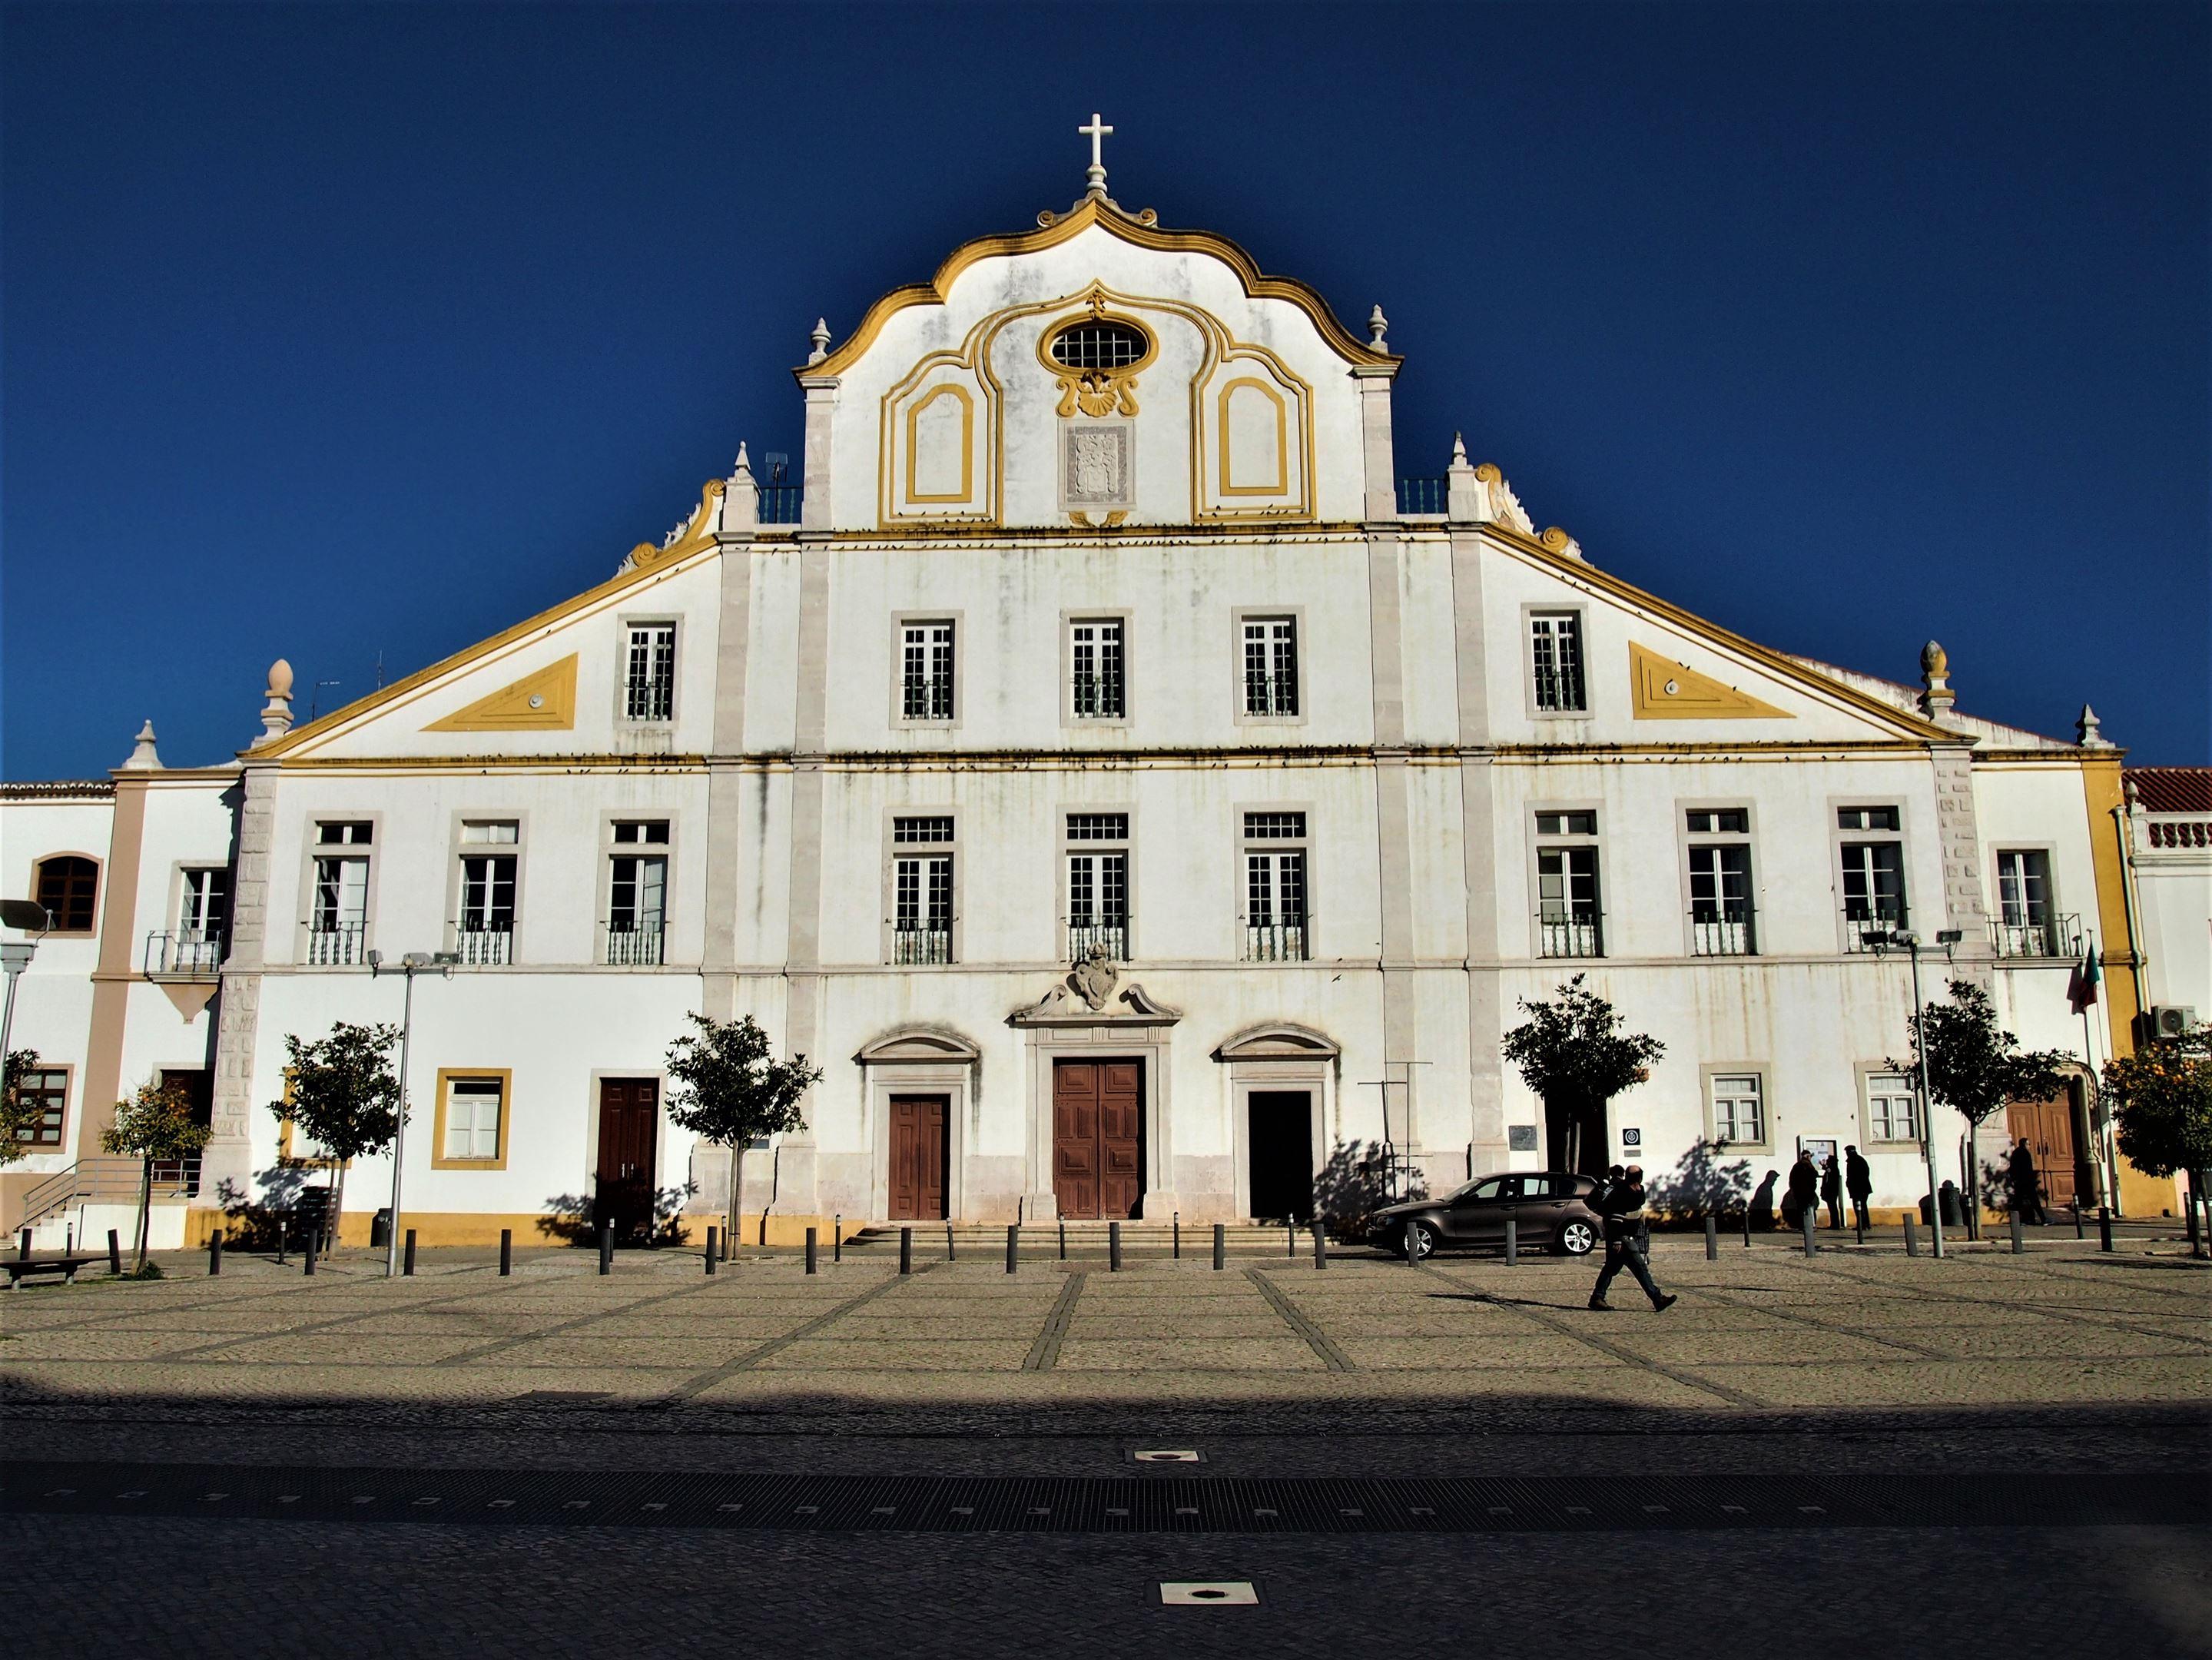 Igreja do Colégio, Portimão